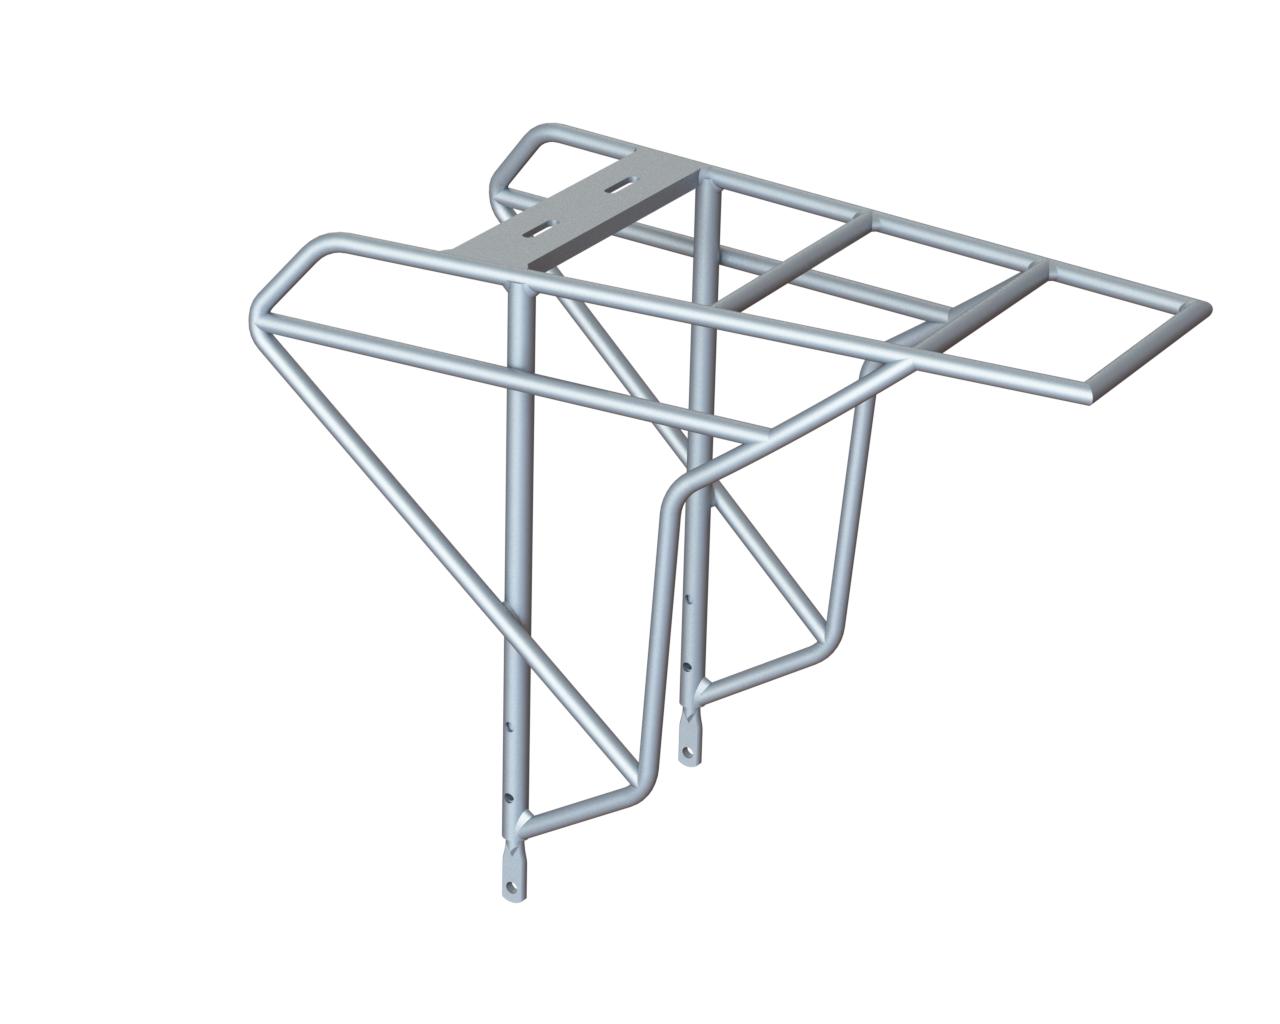 bike rack render.png